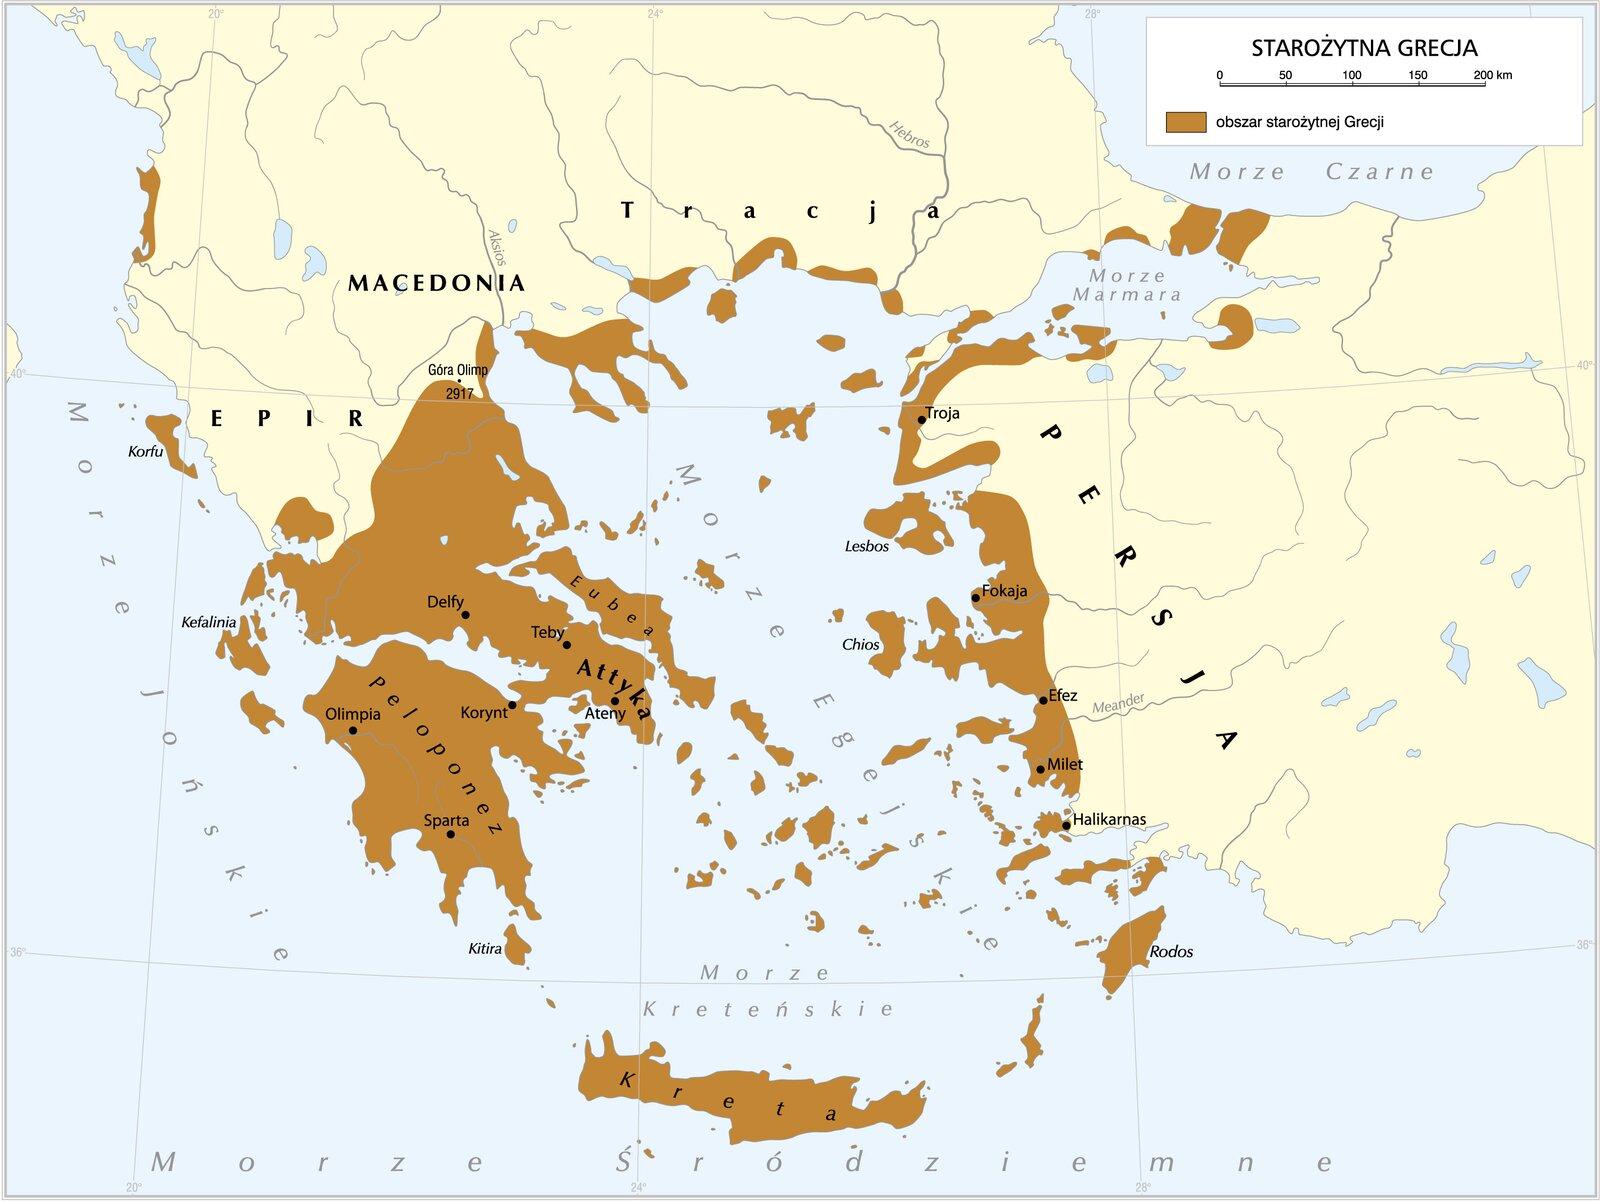 Starożytna Grecja Starożytna Grecja Źródło: Krystian Chariza izespół, licencja: CC BY 3.0.